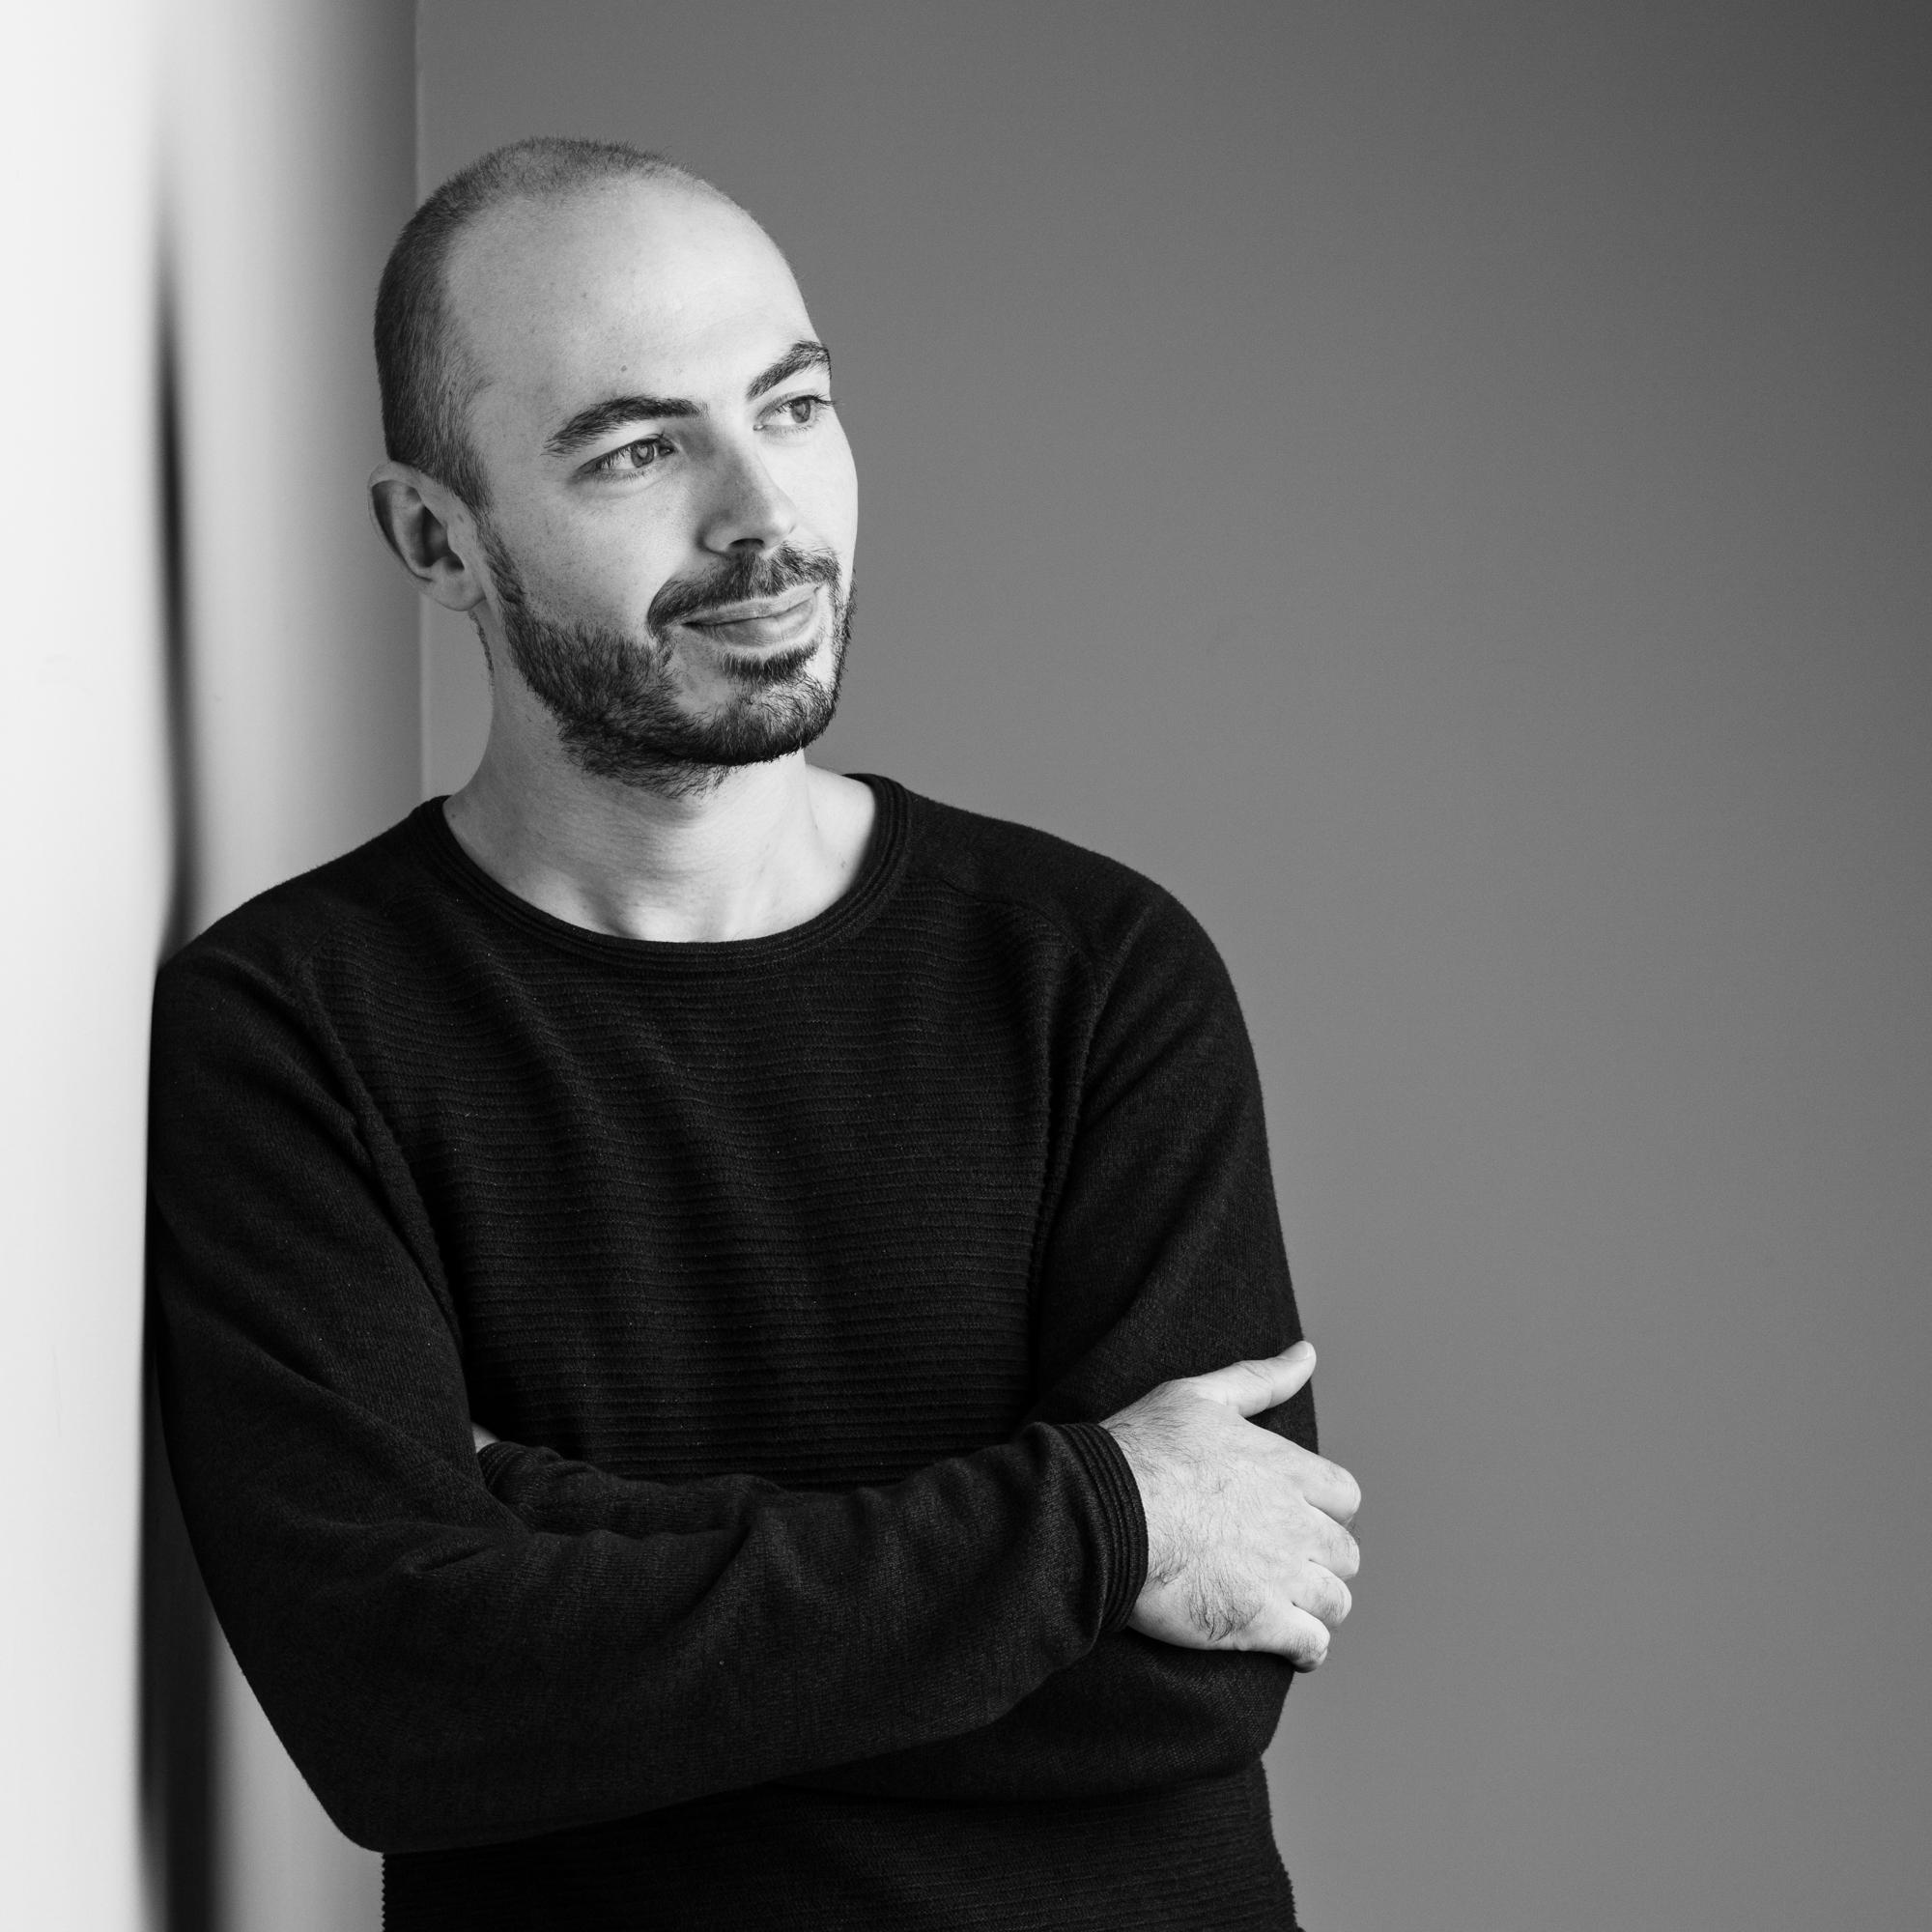 Rustige zwart-witfoto van mental coach Jeroen Vanbever